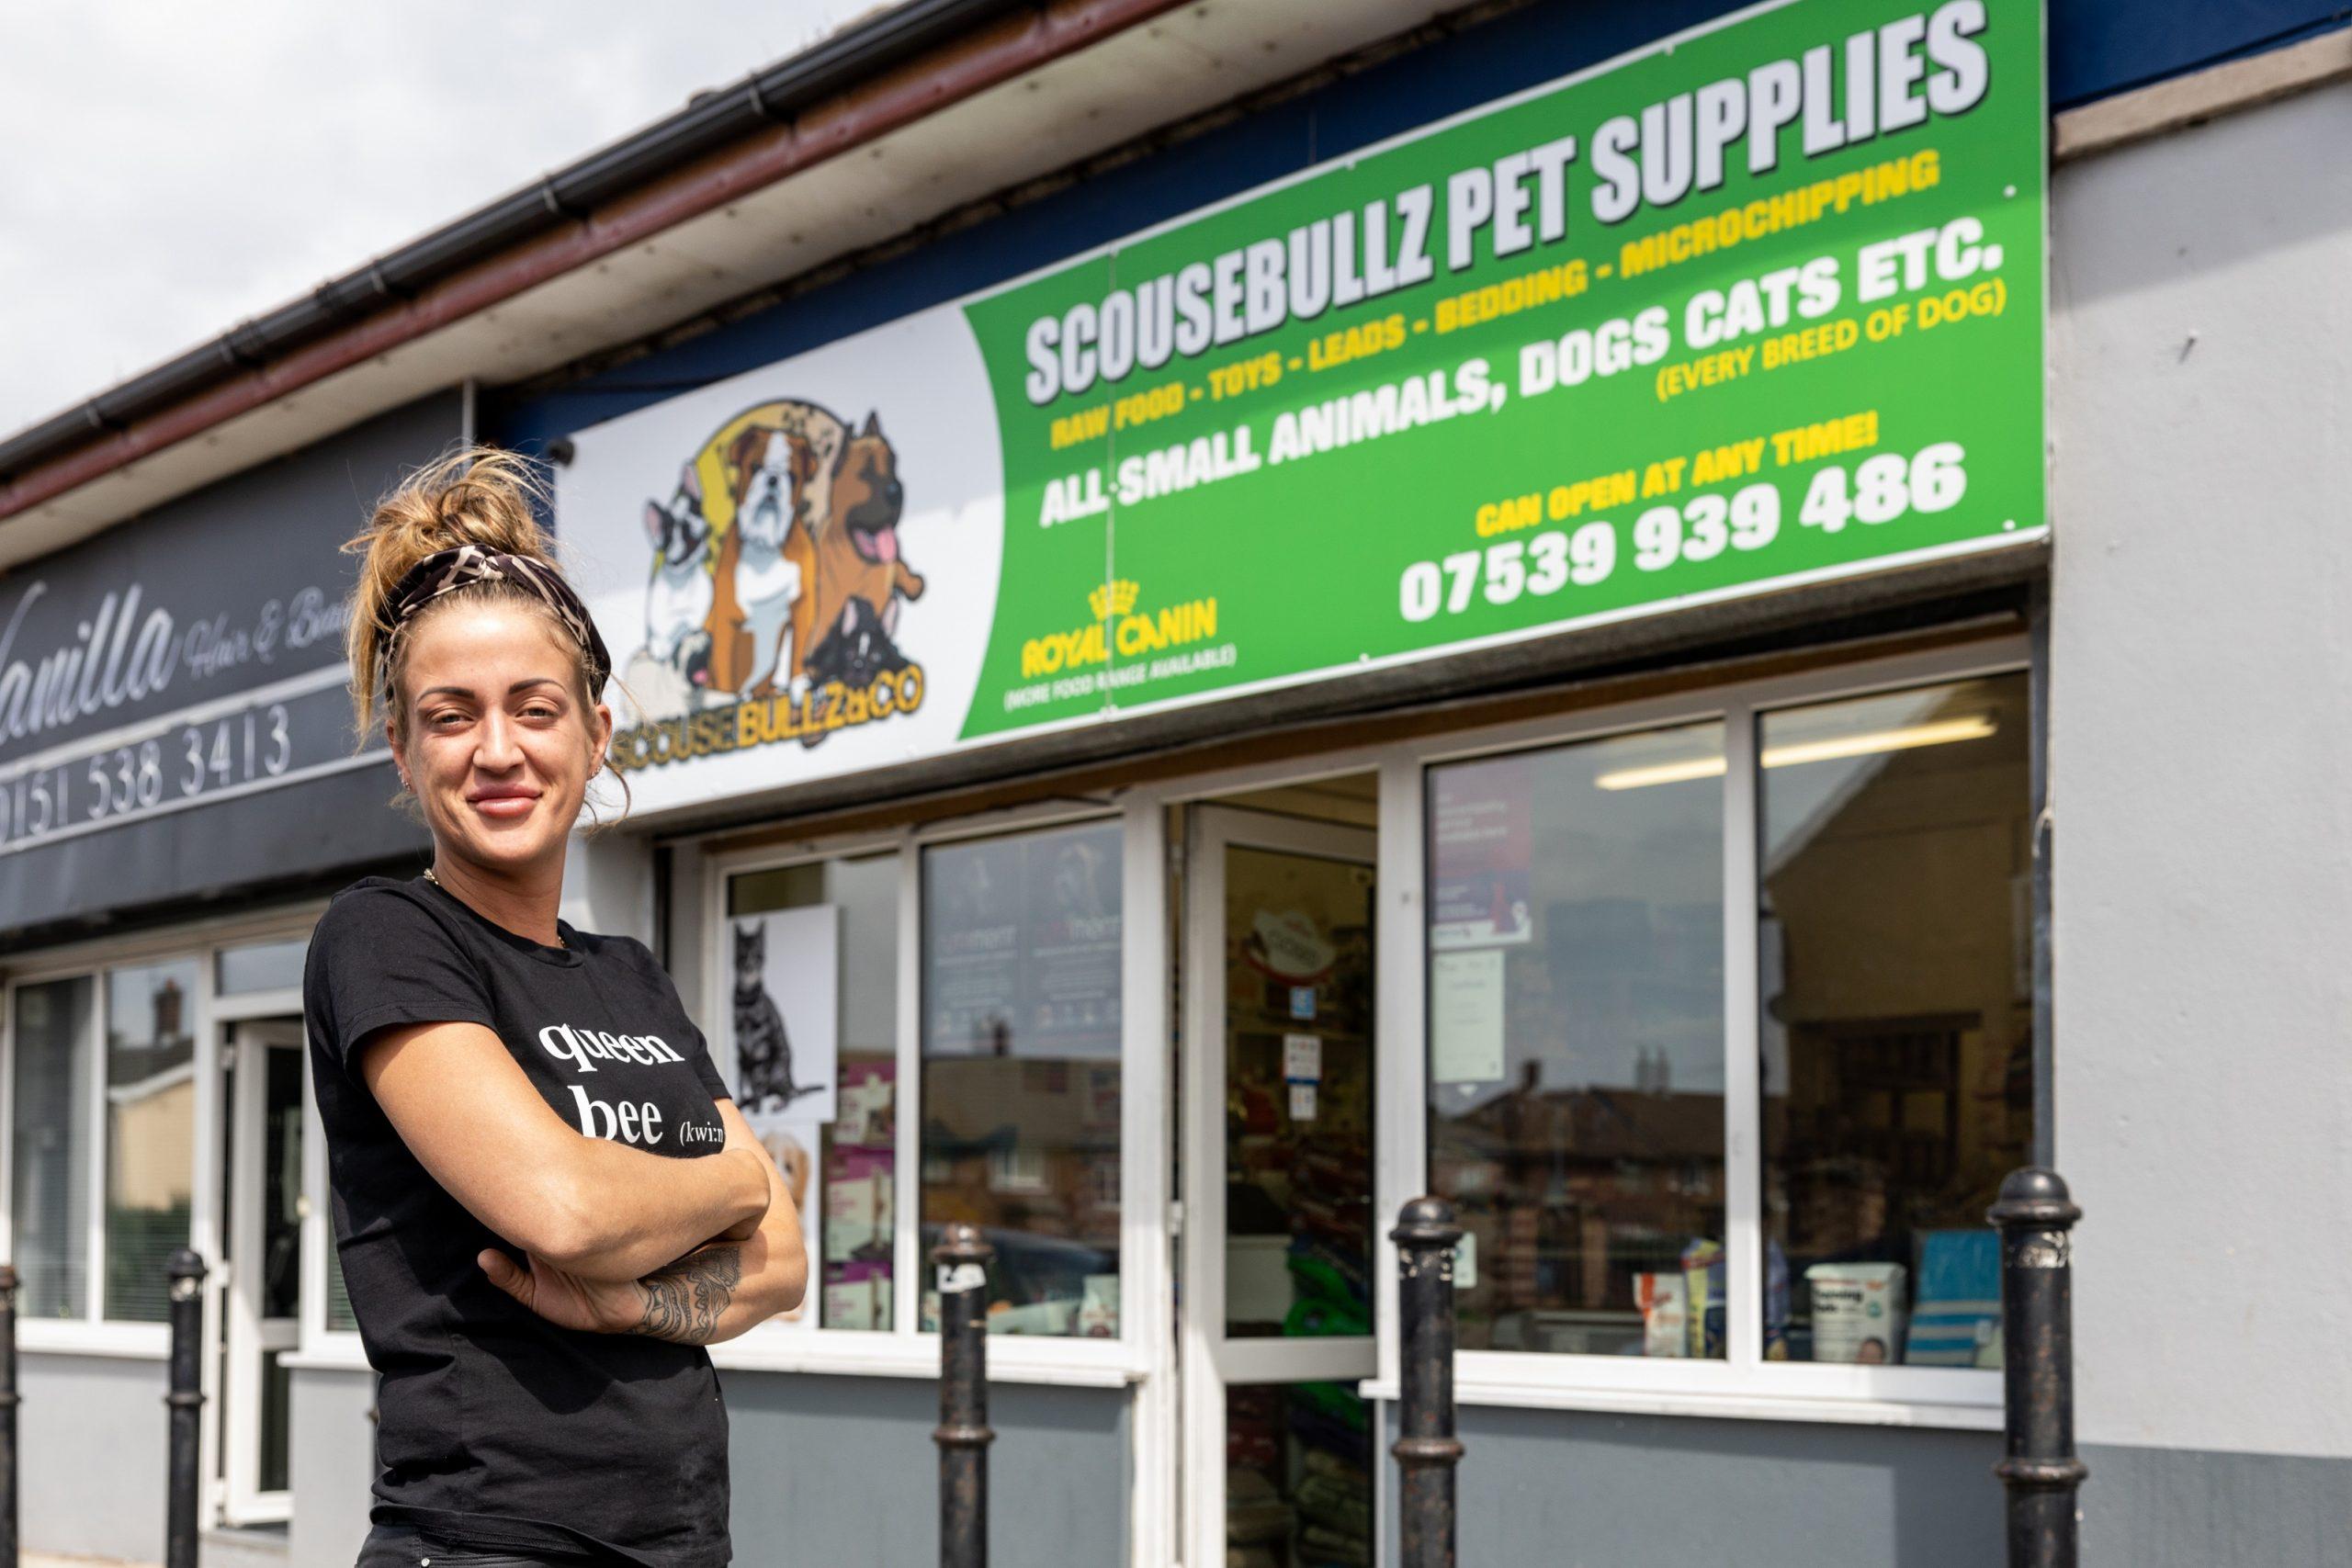 Scousebullz Pet Supplies 32 Carr Meadow Hey, Netherton, L30 2NZ